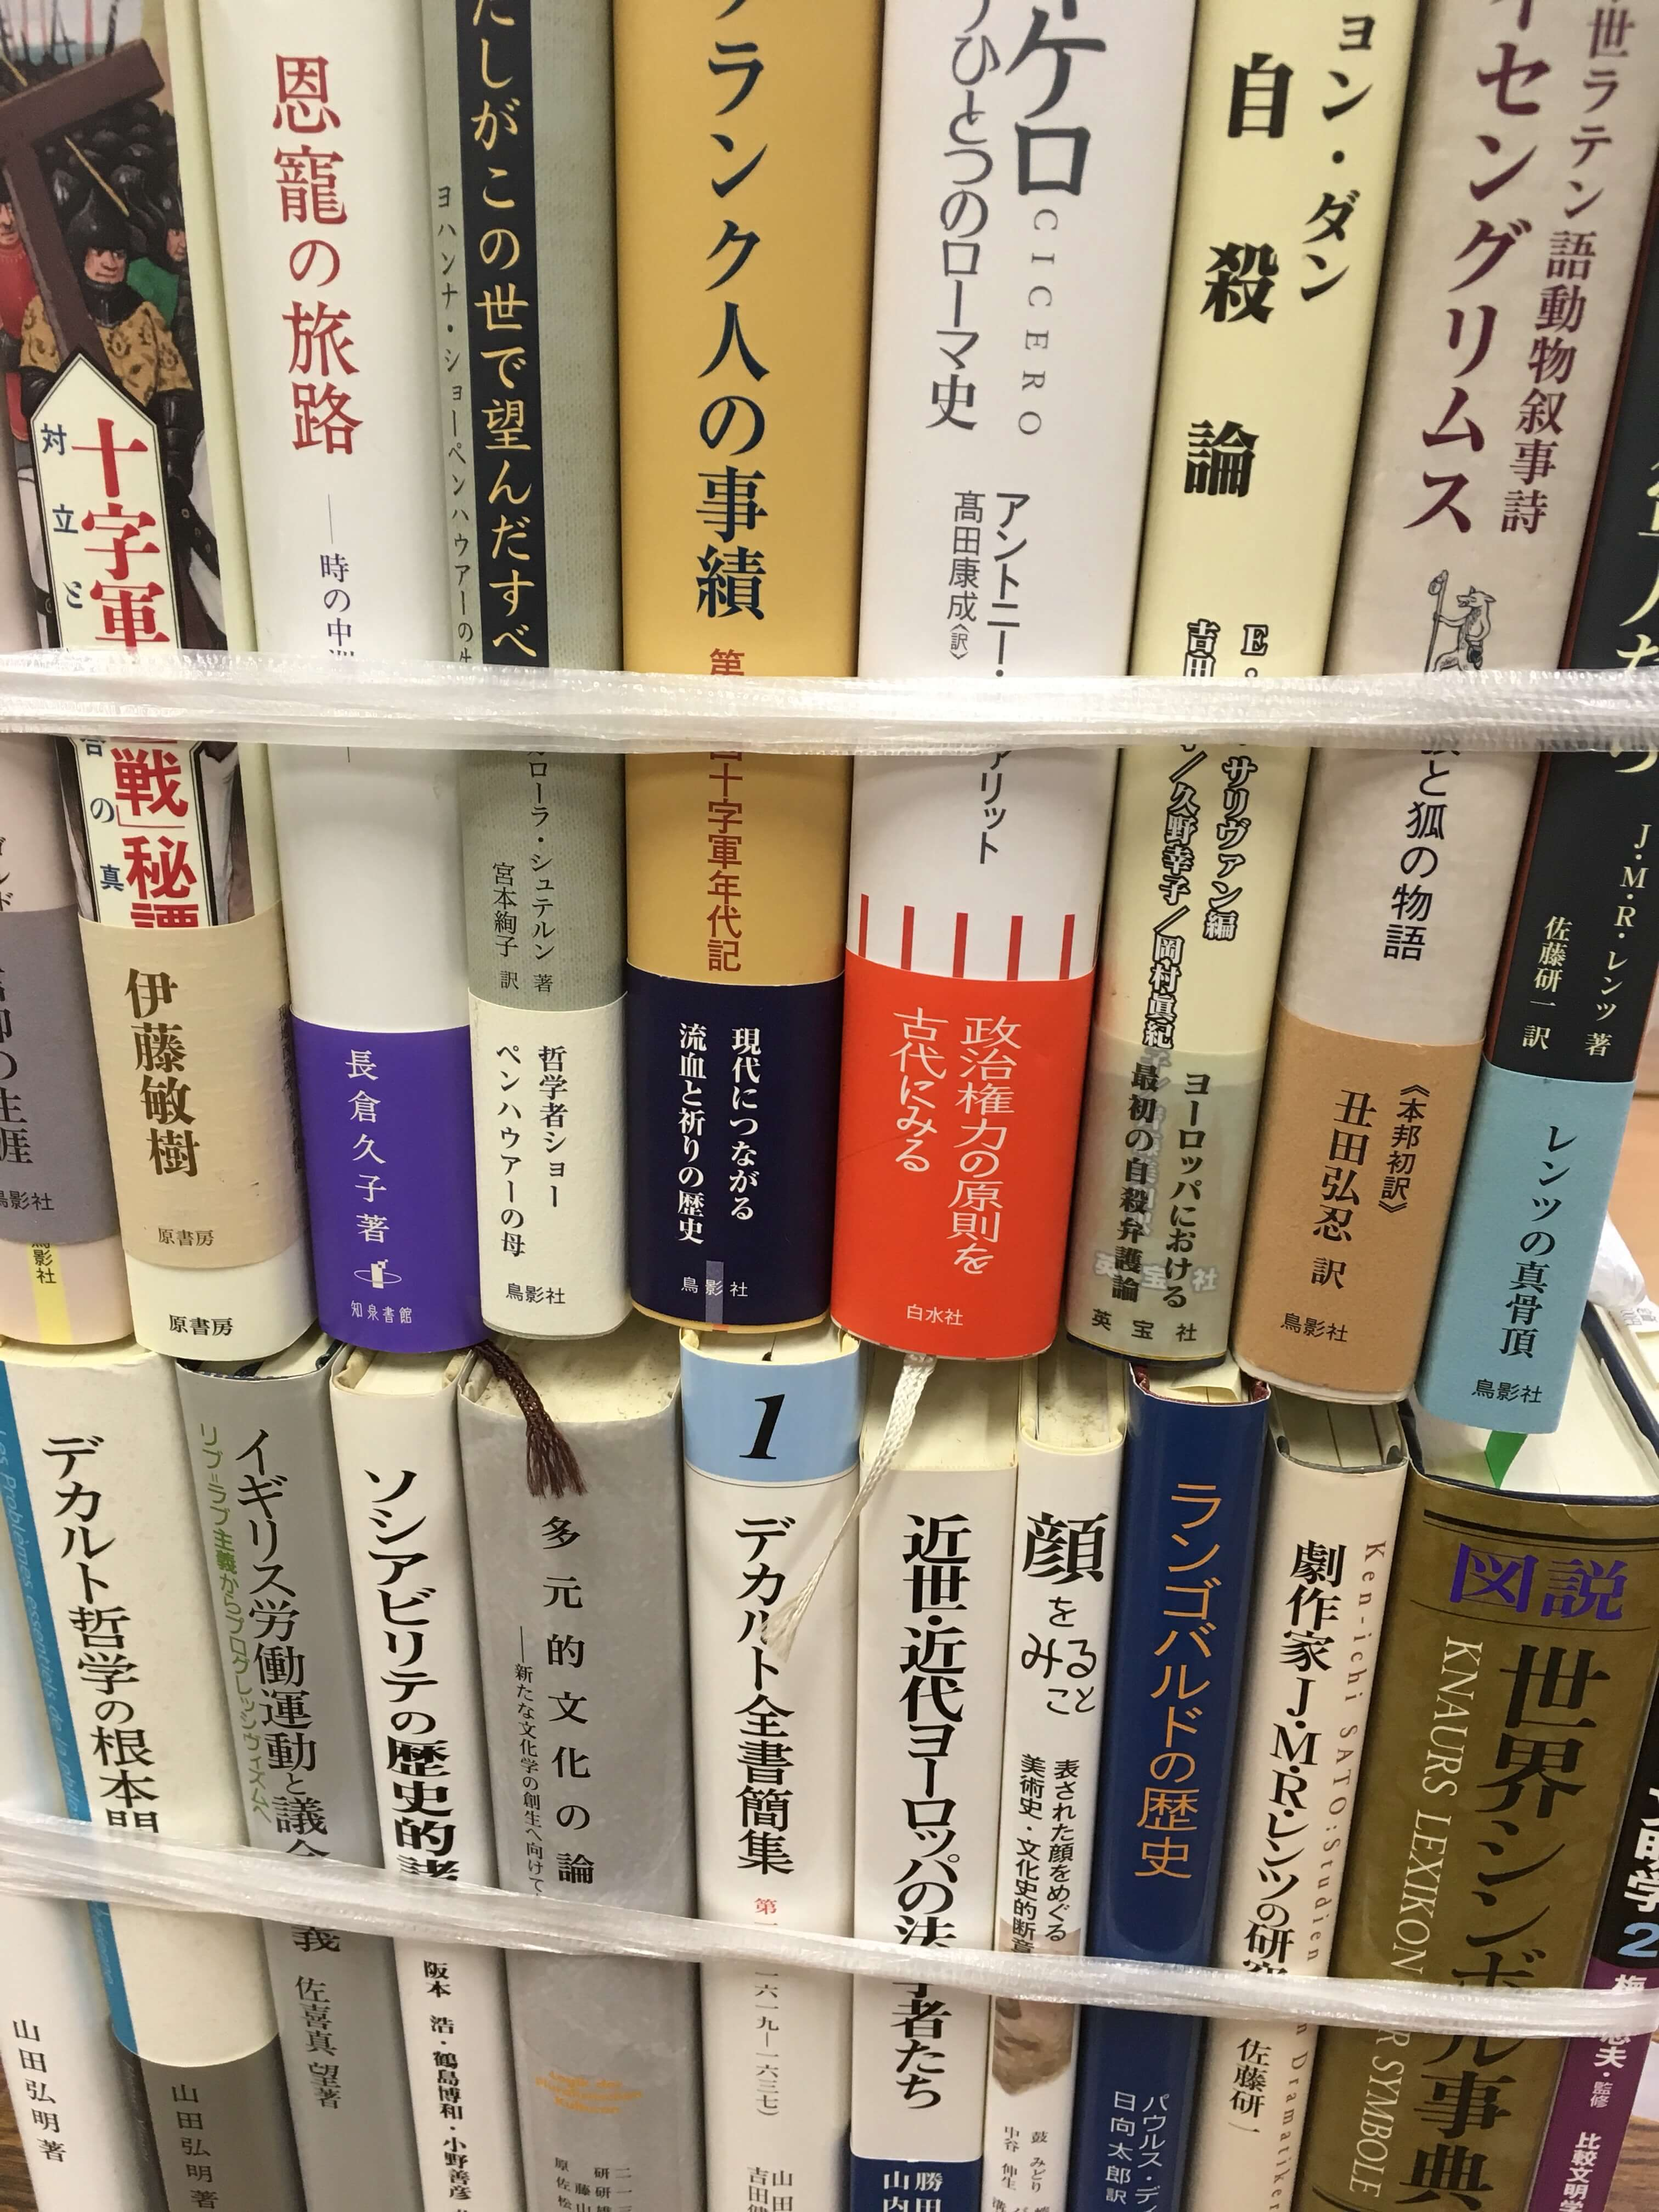 名古屋市守山区で近年発行の新しい哲学書を買取しました。